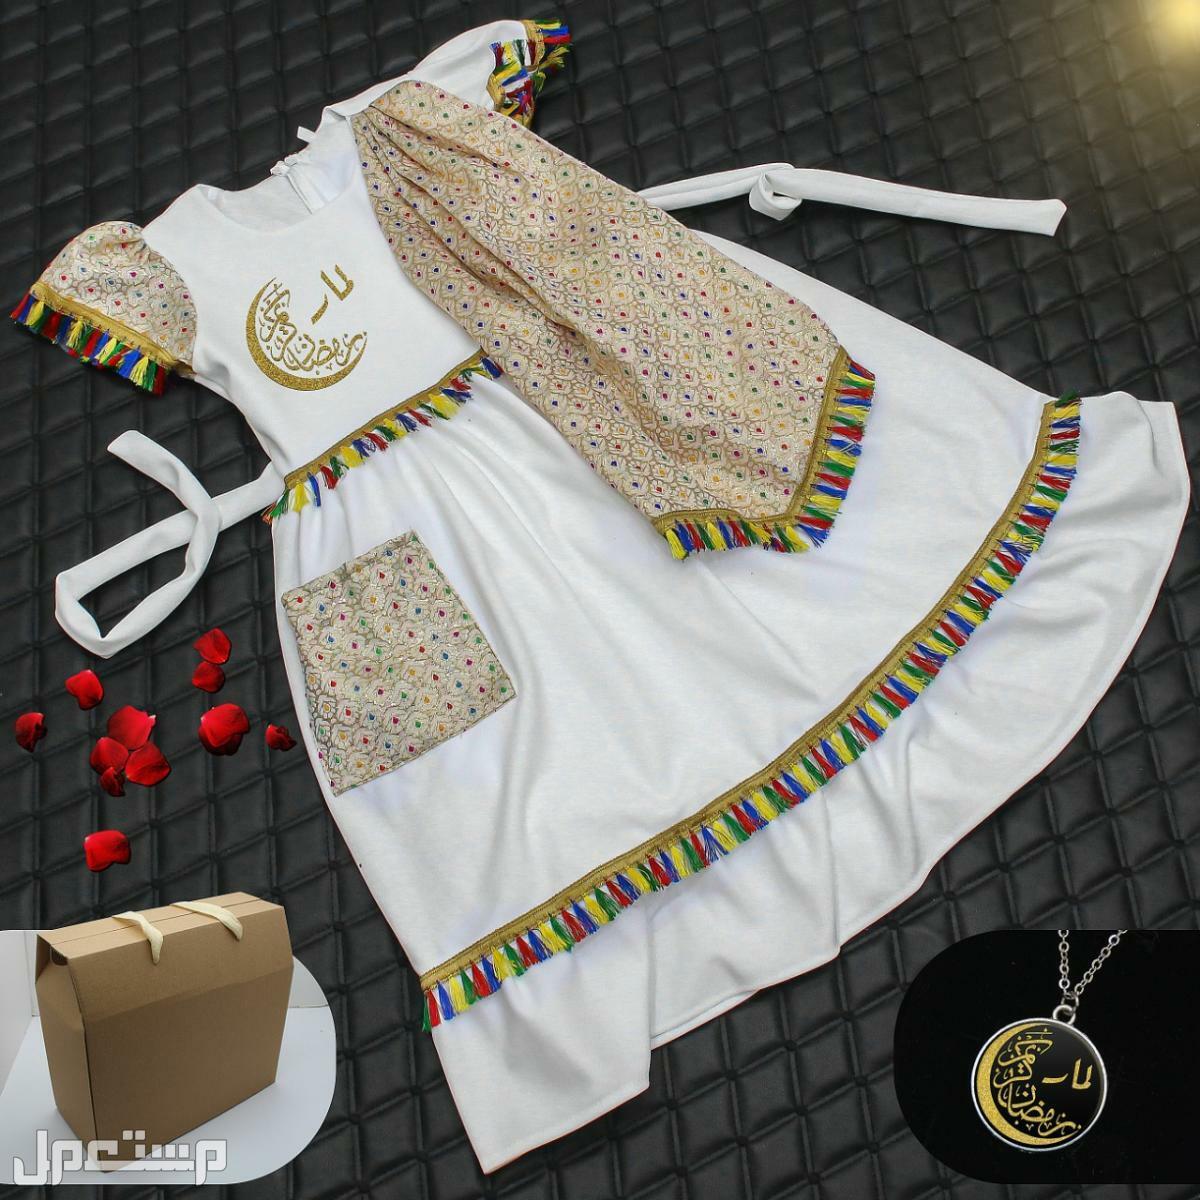 فستان بناتي روعة مع تفصيل الاسم حسب طلبك